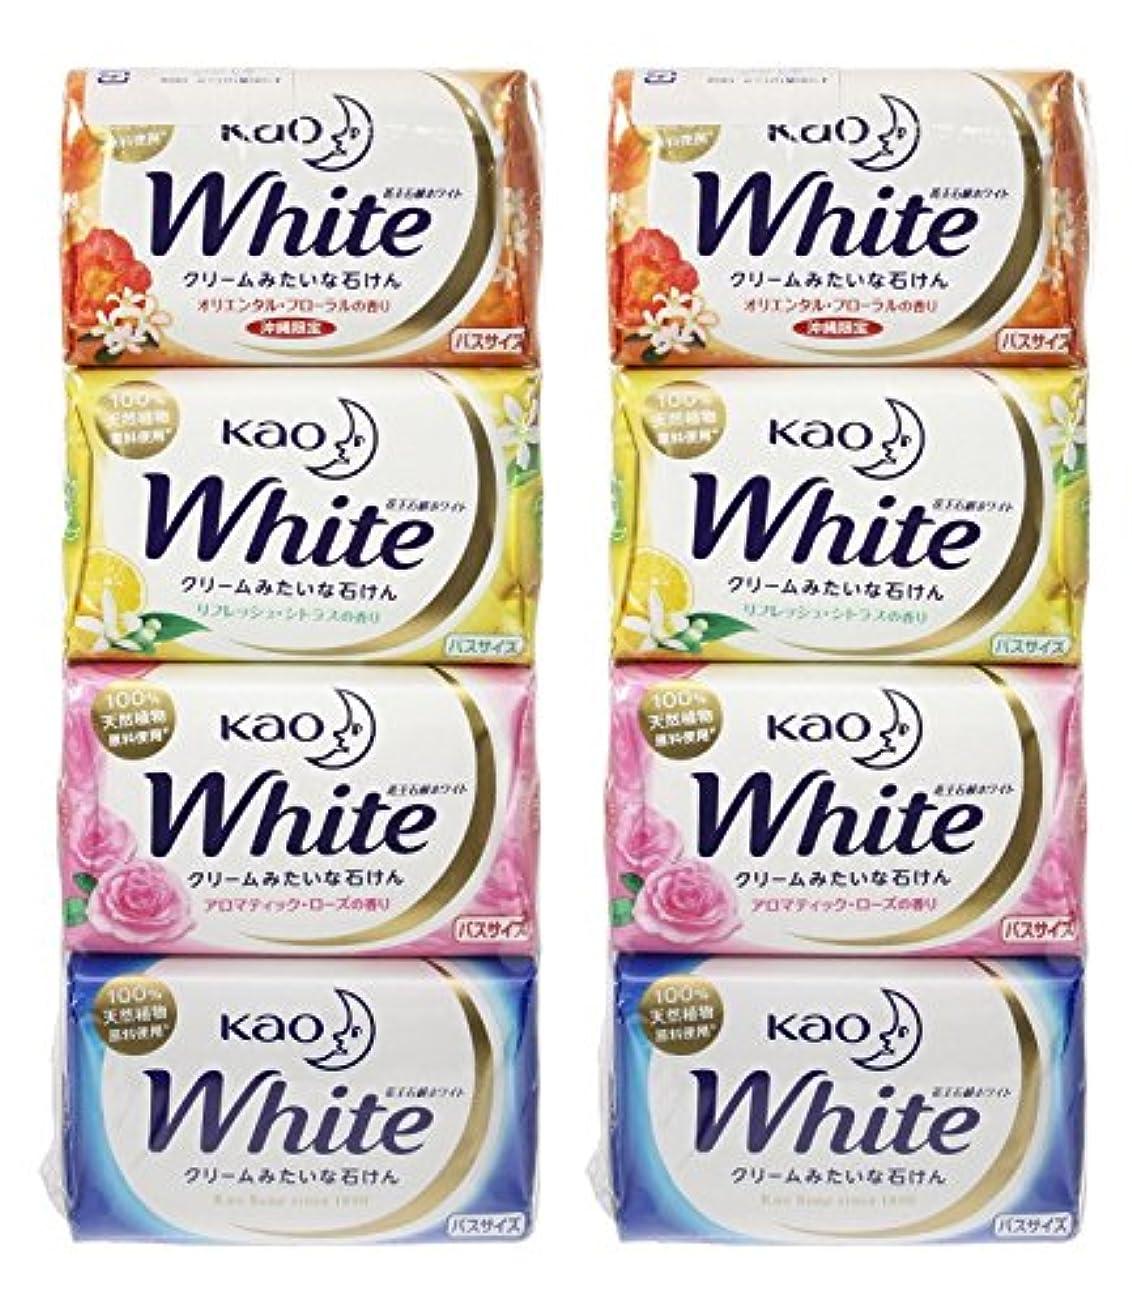 部屋を掃除する忘れる直立花王ホワイト 香りアソートパック バス12個×2